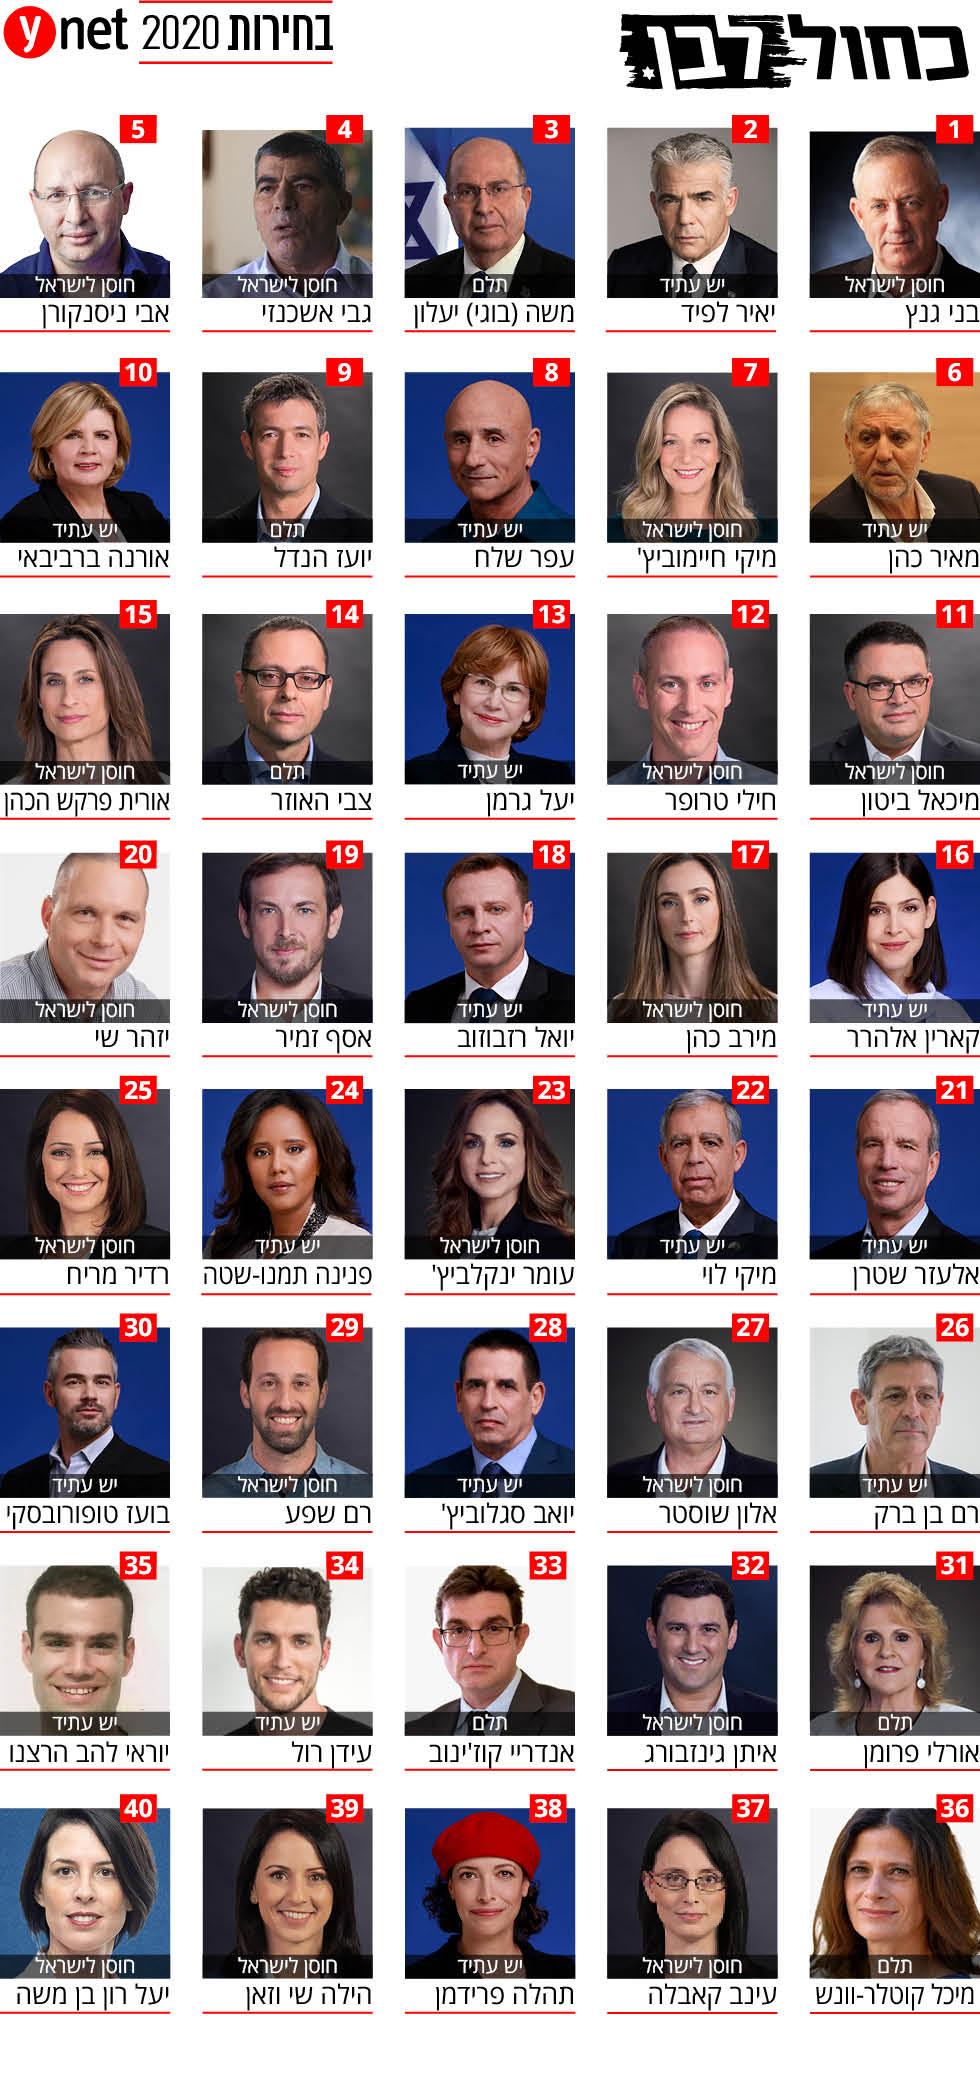 כחול לבן  אינפו בחירות 2020 כנסת הכנסת רשימה רשימת ()